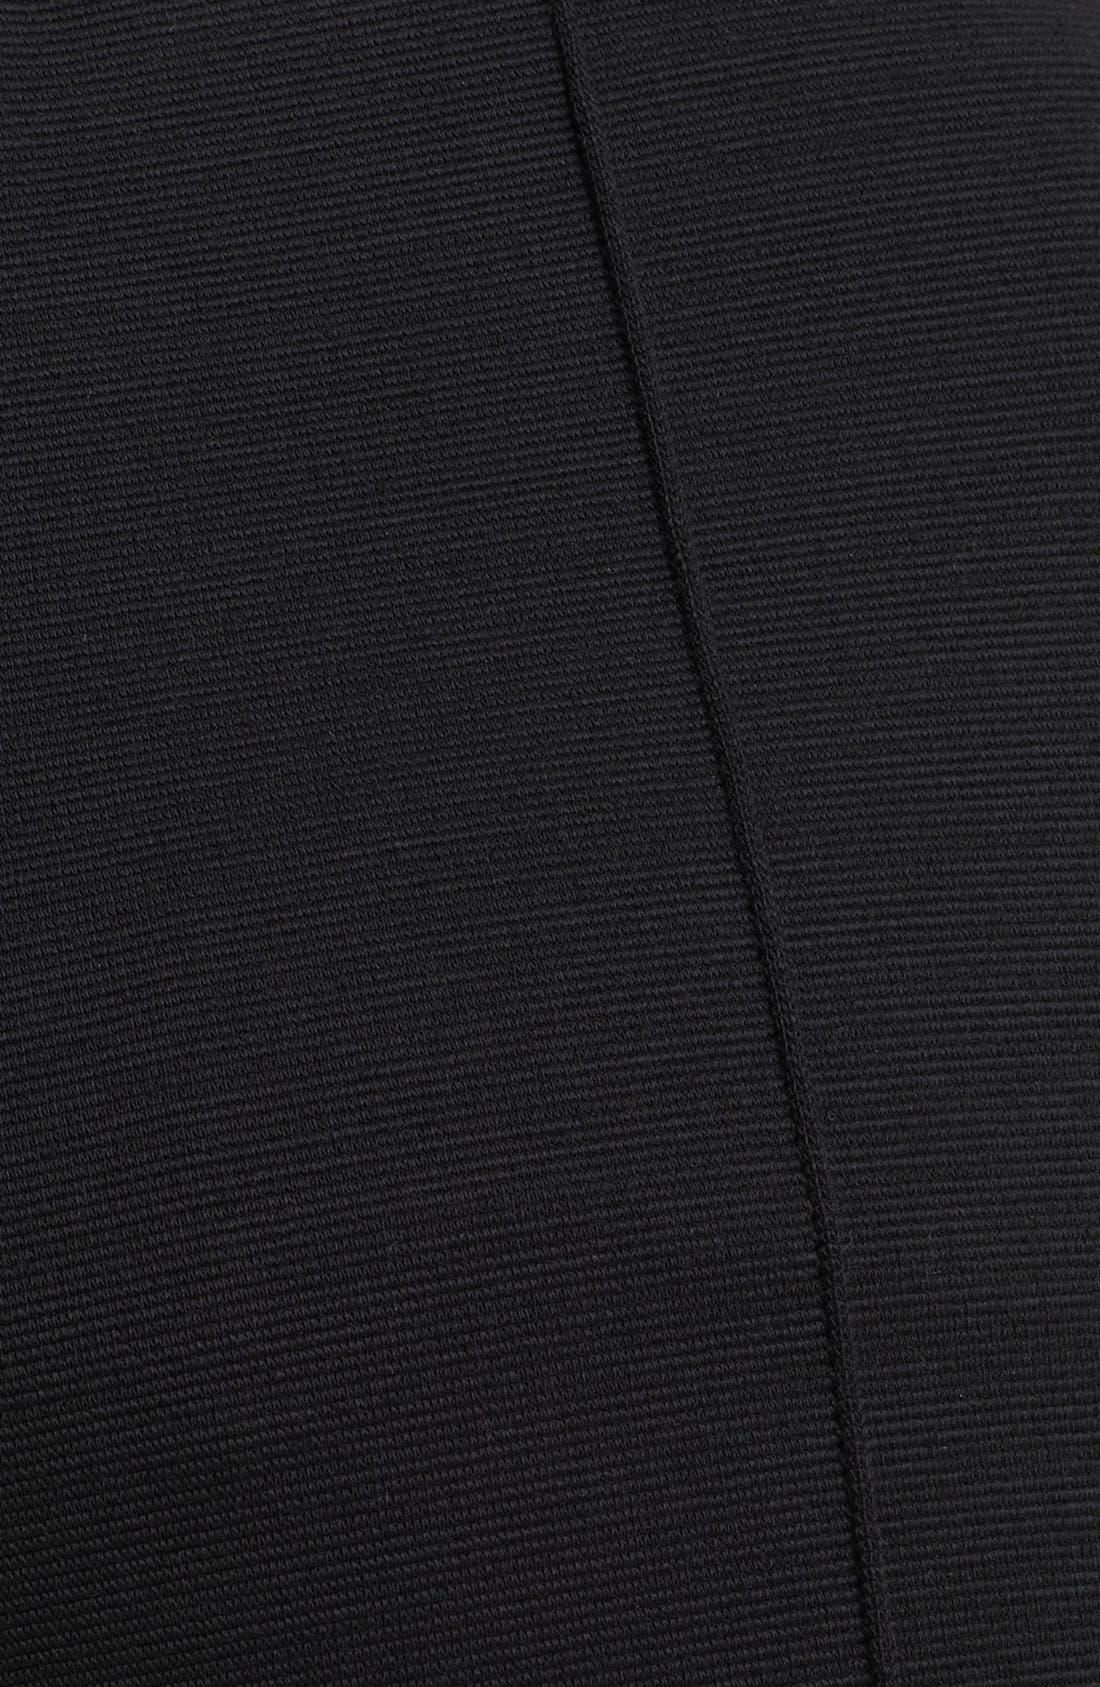 Alternate Image 3  - Oscar de la Renta Skinny Stretch Jersey Pants